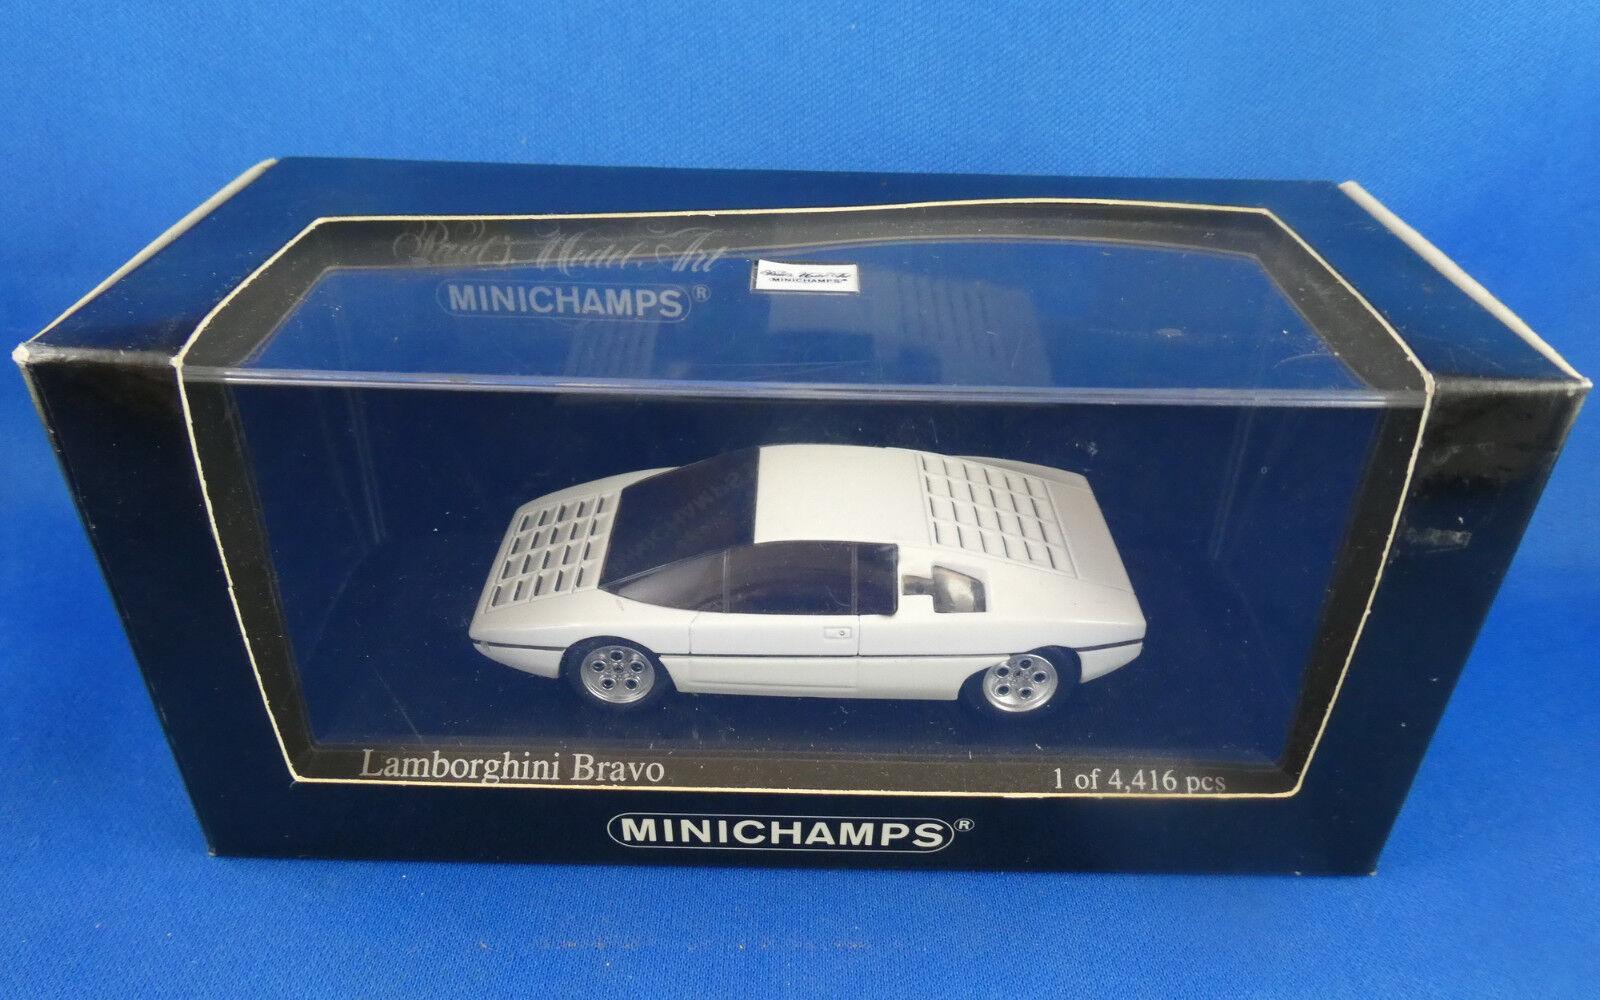 MINICHAMPS LAMBORGHINI BRAVO 1974 serie limitee  4416    NEUVE BOITE NON OUVERTE